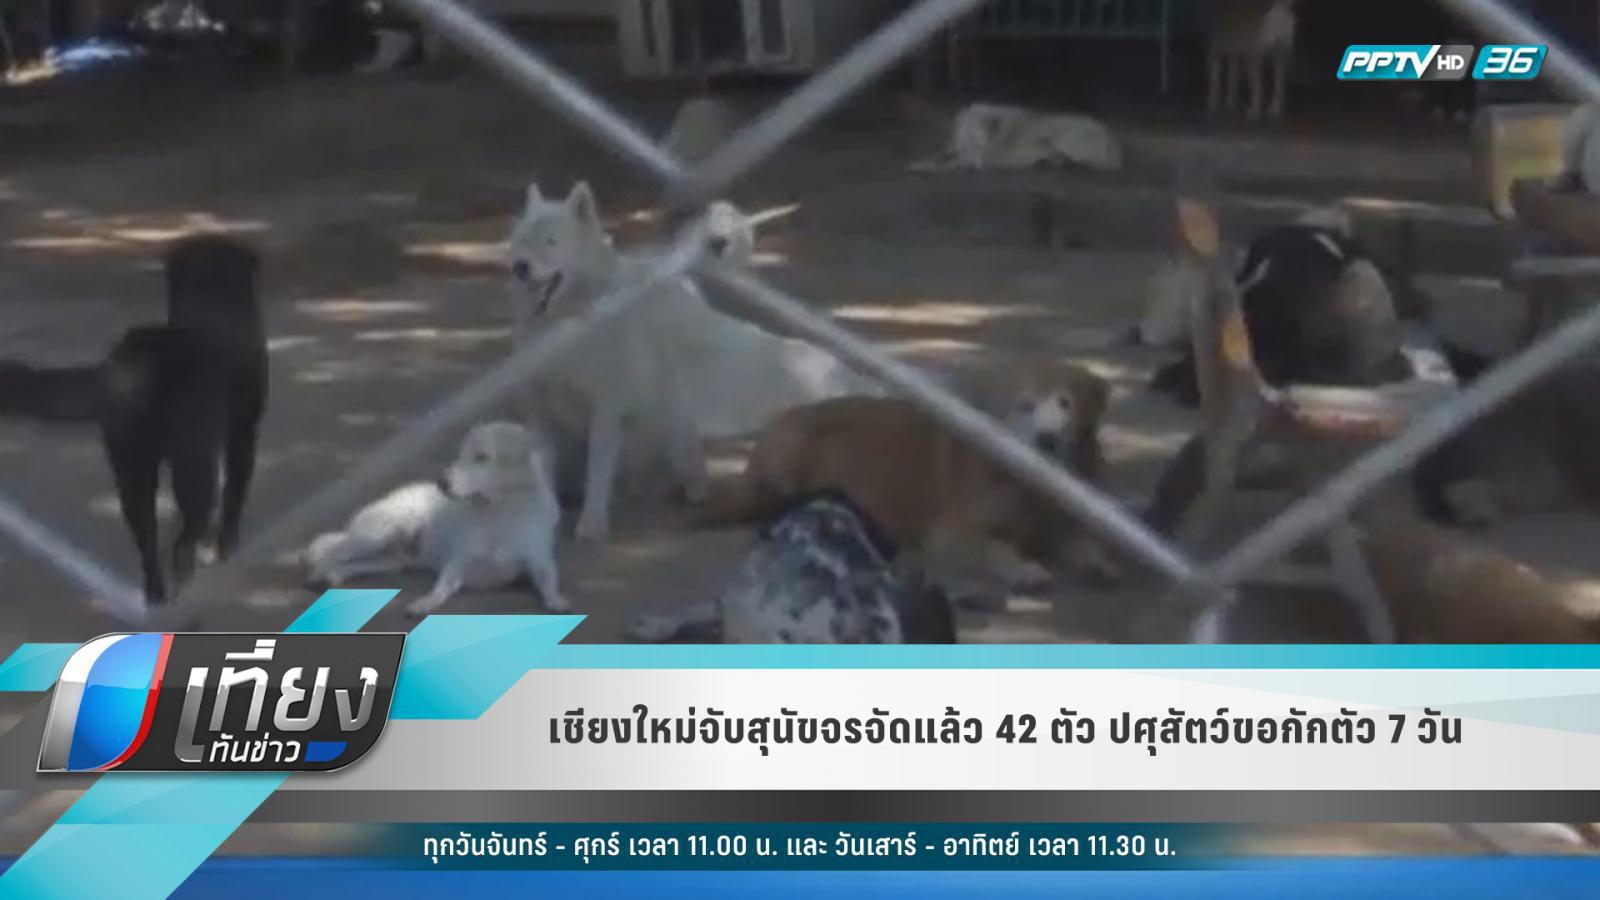 เชียงใหม่จับแล้วสุนัขจรจัด 42 ตัว ปศุสัตว์ขอกักตัว 7 วัน